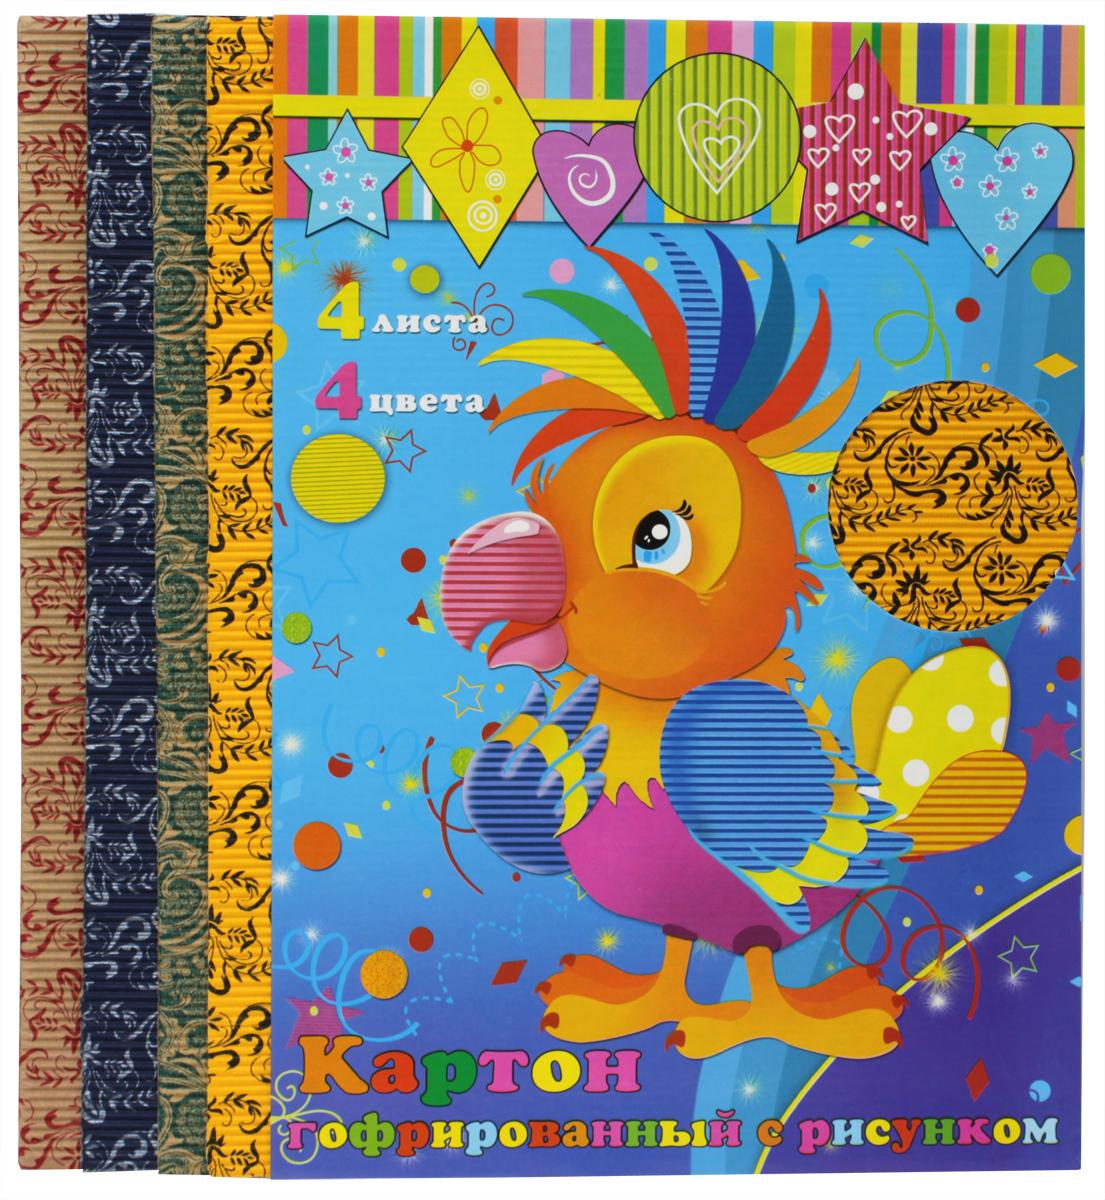 Феникс+ Гофрированный цветной картон с рисунком 4 листа28578Набор гофрированного цветного картона Феникс+ позволит создавать всевозможные аппликации и поделки. Набор включает 4 листа гофрированного двухслойного картона с рисунком. Цвета в наборе: зеленый, синий, желтый, бежевый.Гофрированный картон может использоваться для упаковки, поделок, декорирования и других видов творчества.